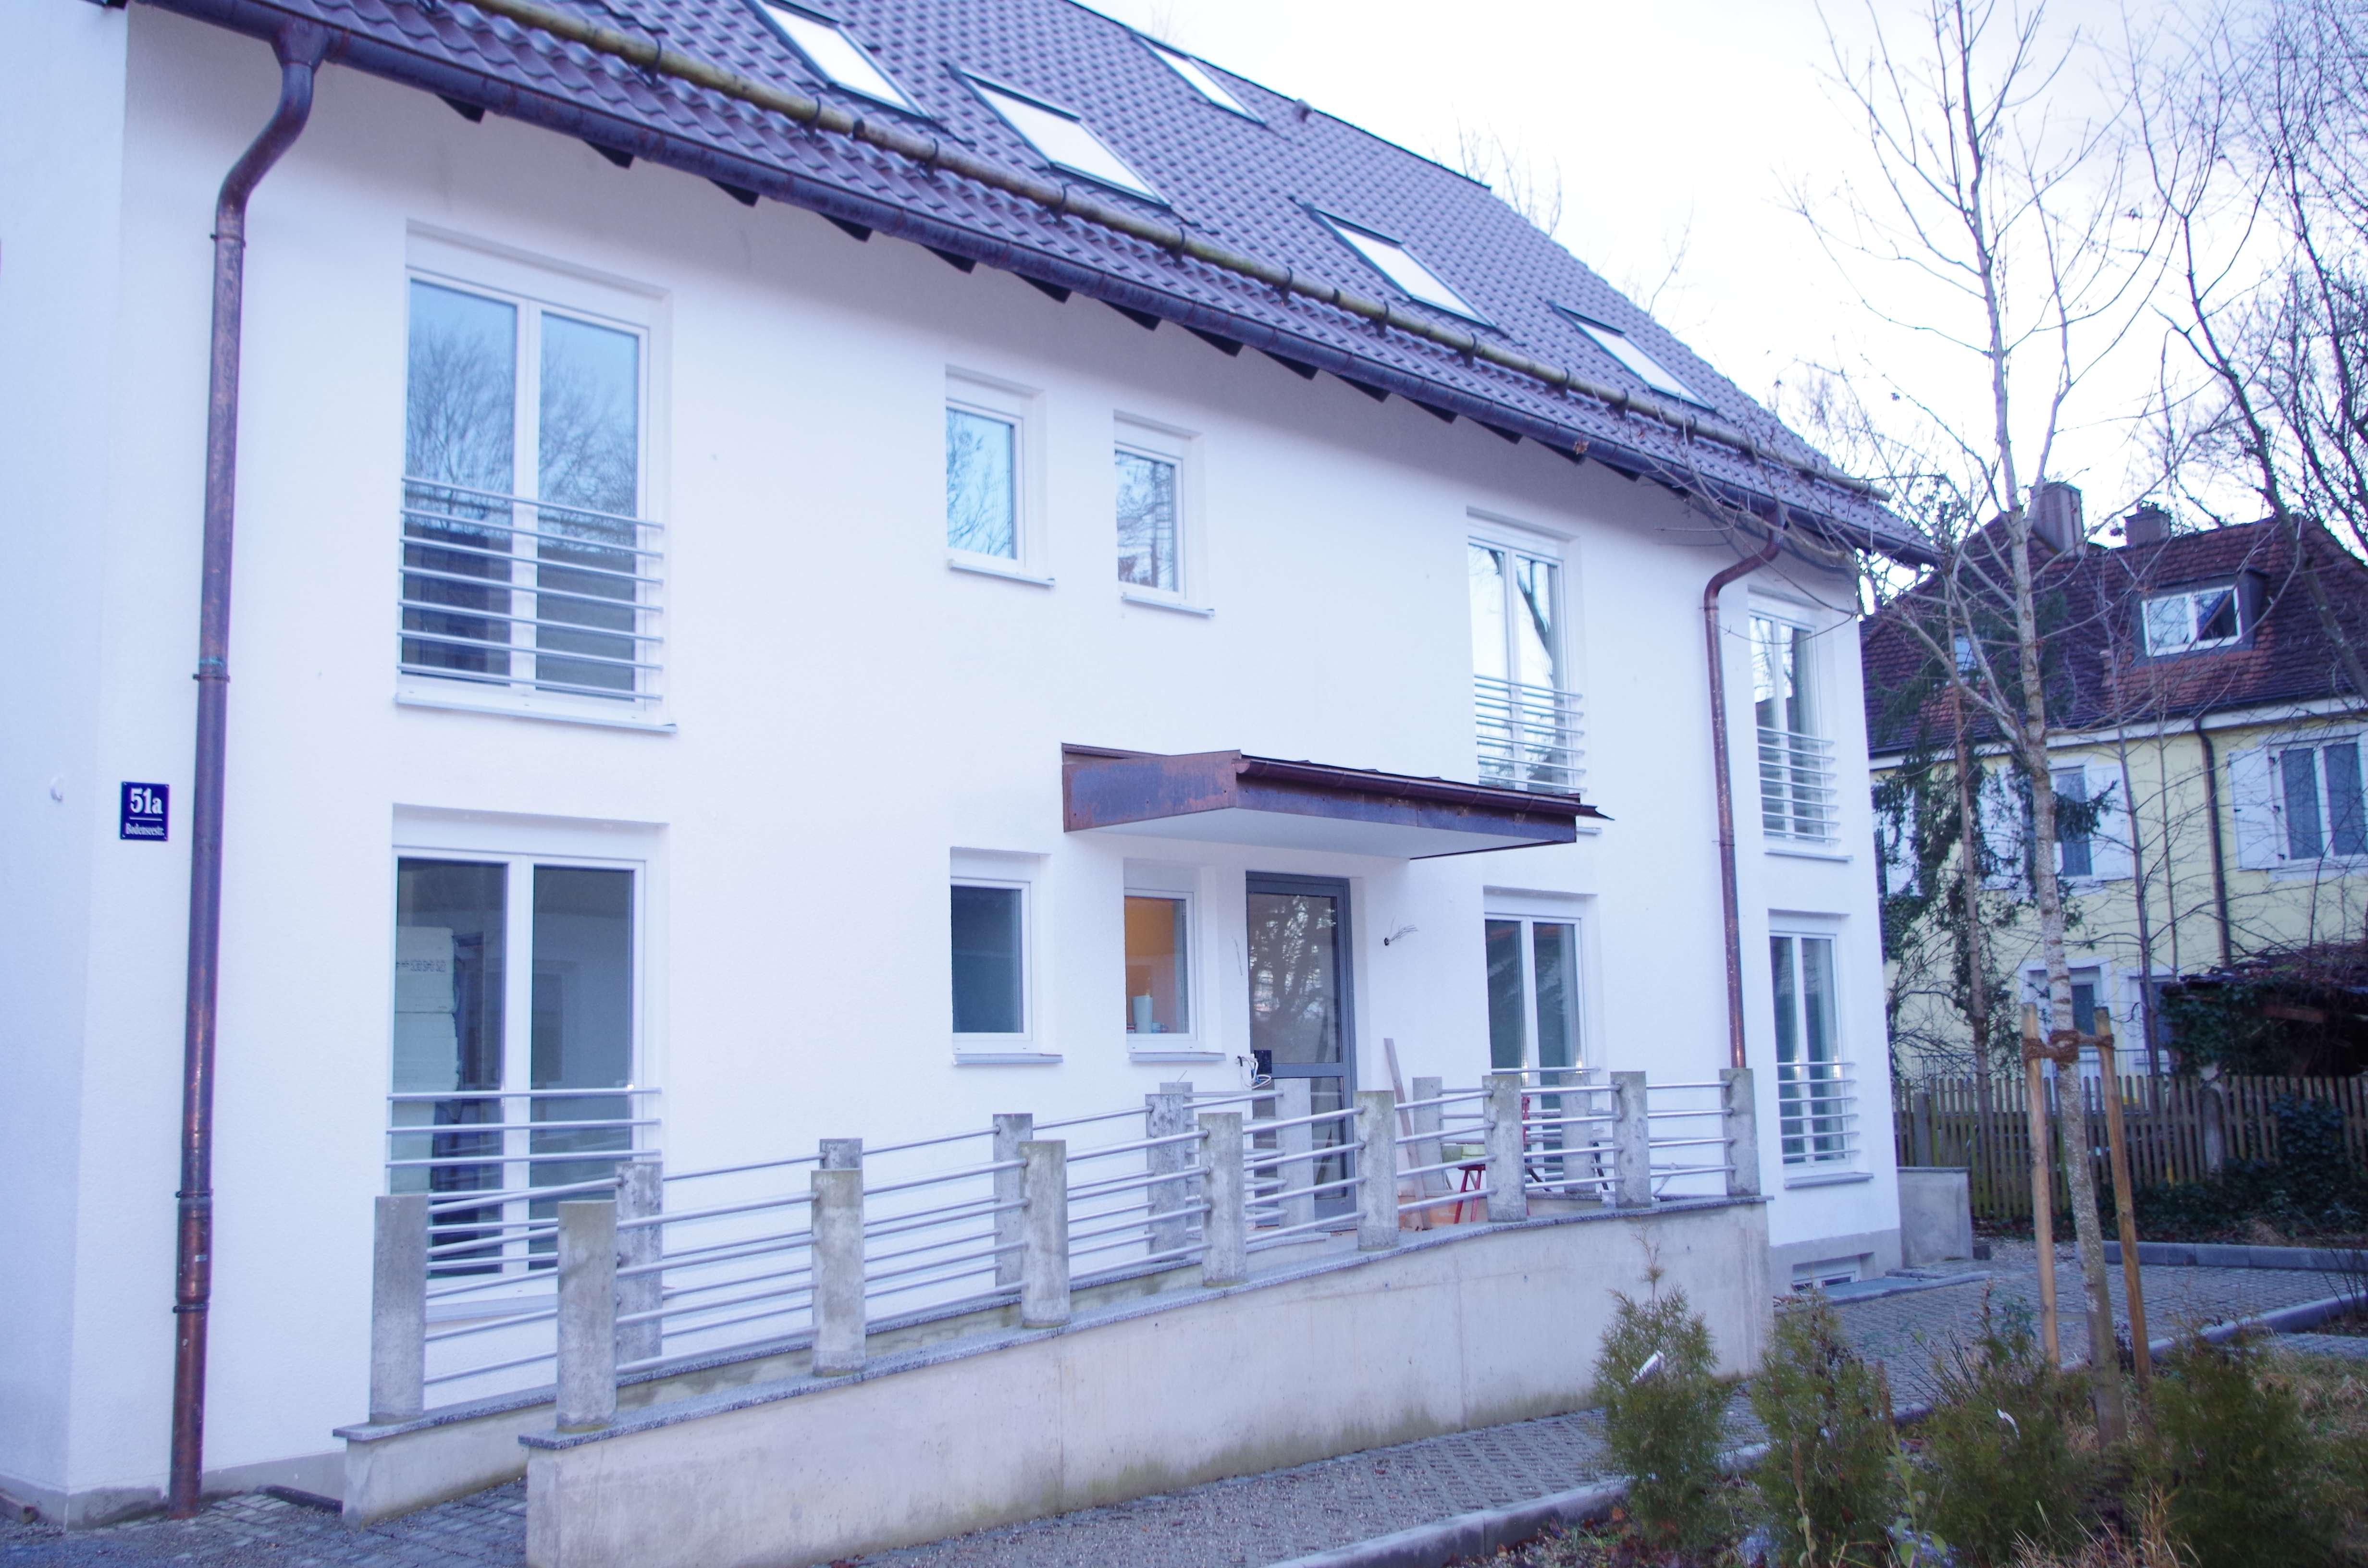 Helle 3-Zimmer-Wohnung mit Loggia ab dem 01.12.2019 zu vermieten in Pasing (München)